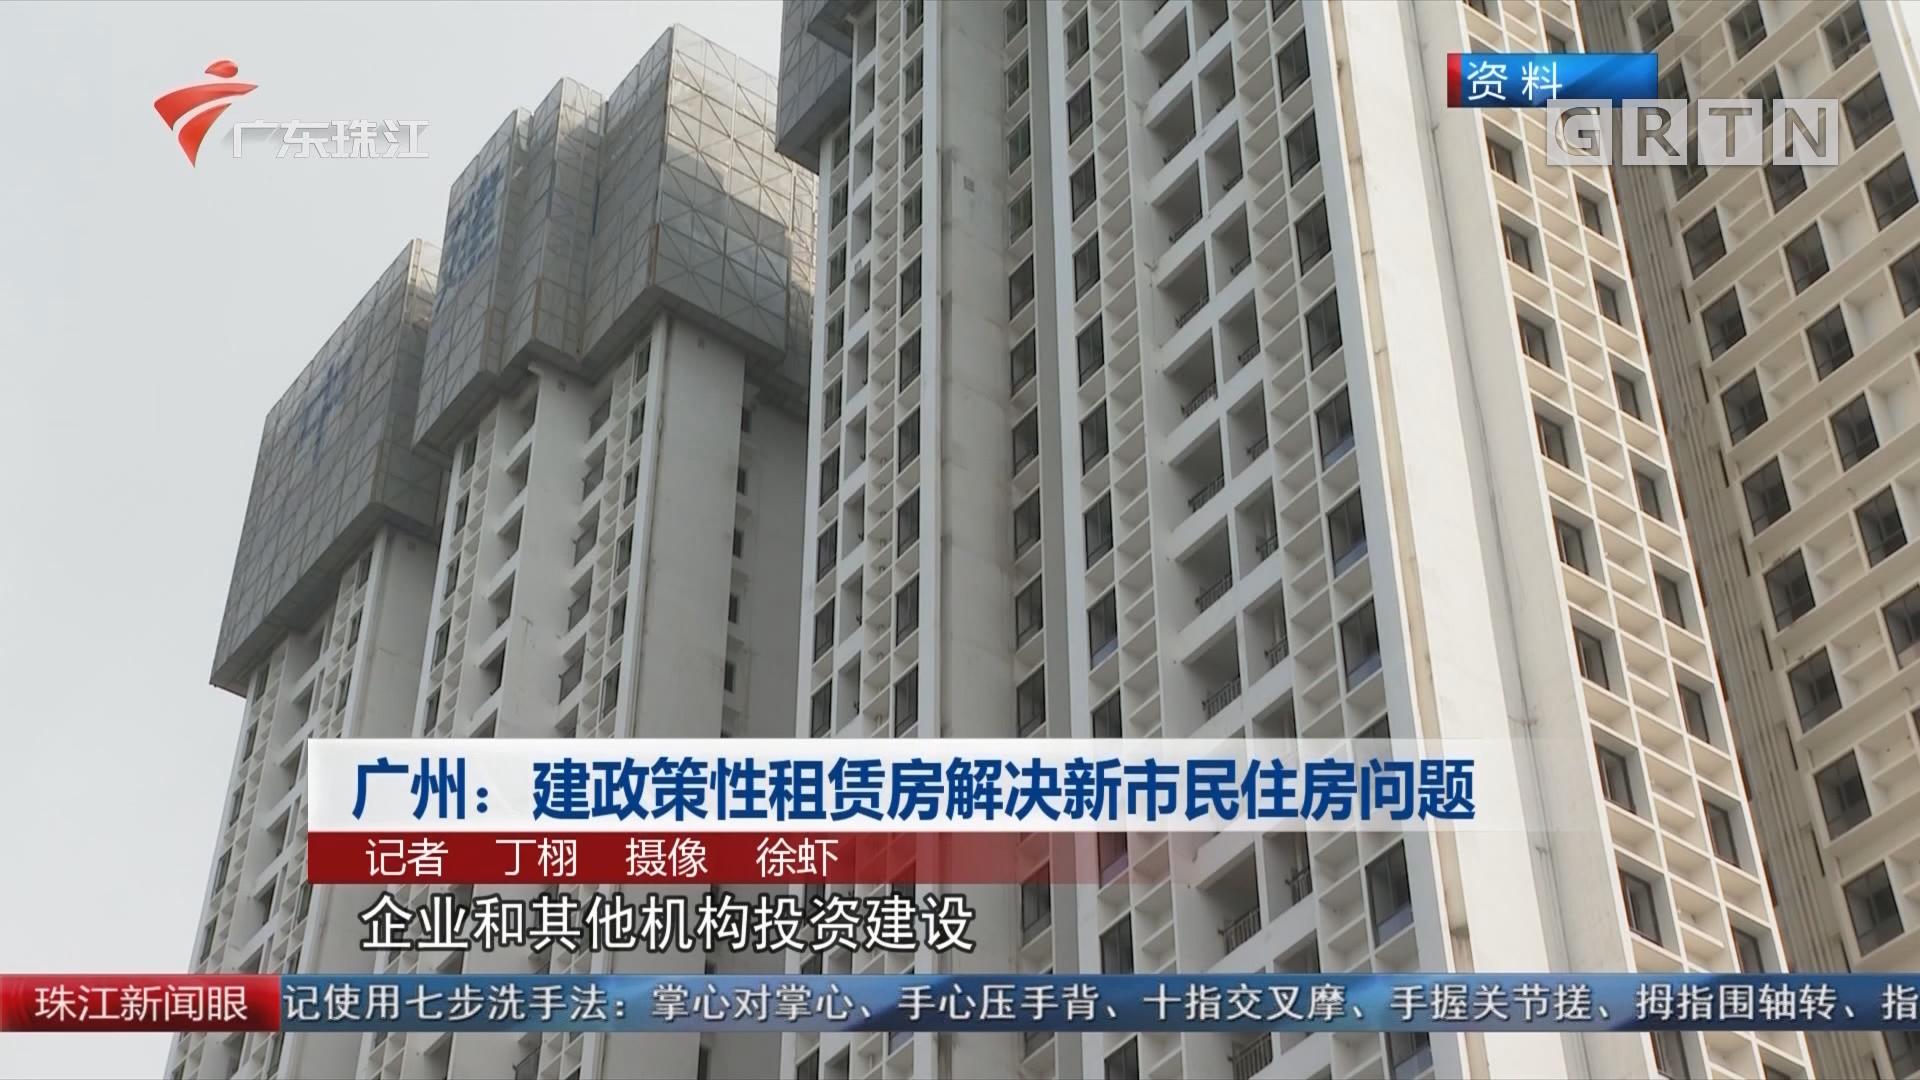 廣州:建政策性租賃房解決新市民住房問題